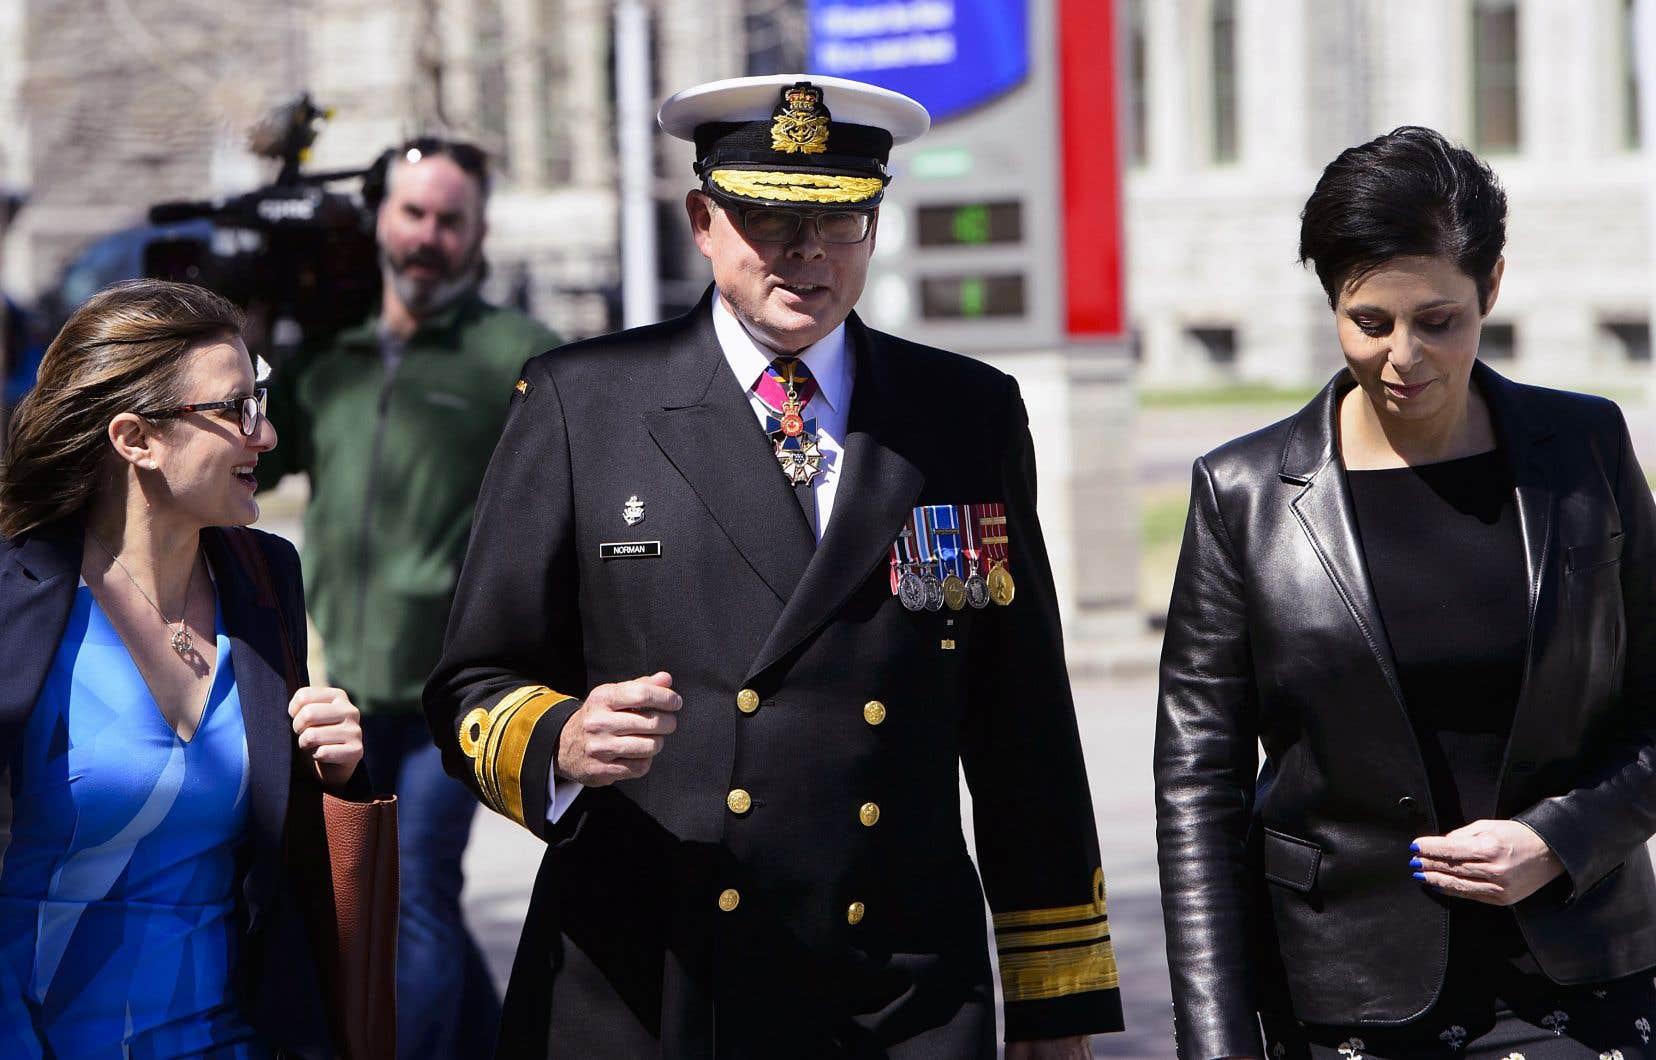 Le vice-amiral Mark Norman avec ses avocates, Me Marie Henein et Me Christine Mainville à la sortie du tribunal à la suite de l'abandon de l'acccusation qui pesait contre lui.